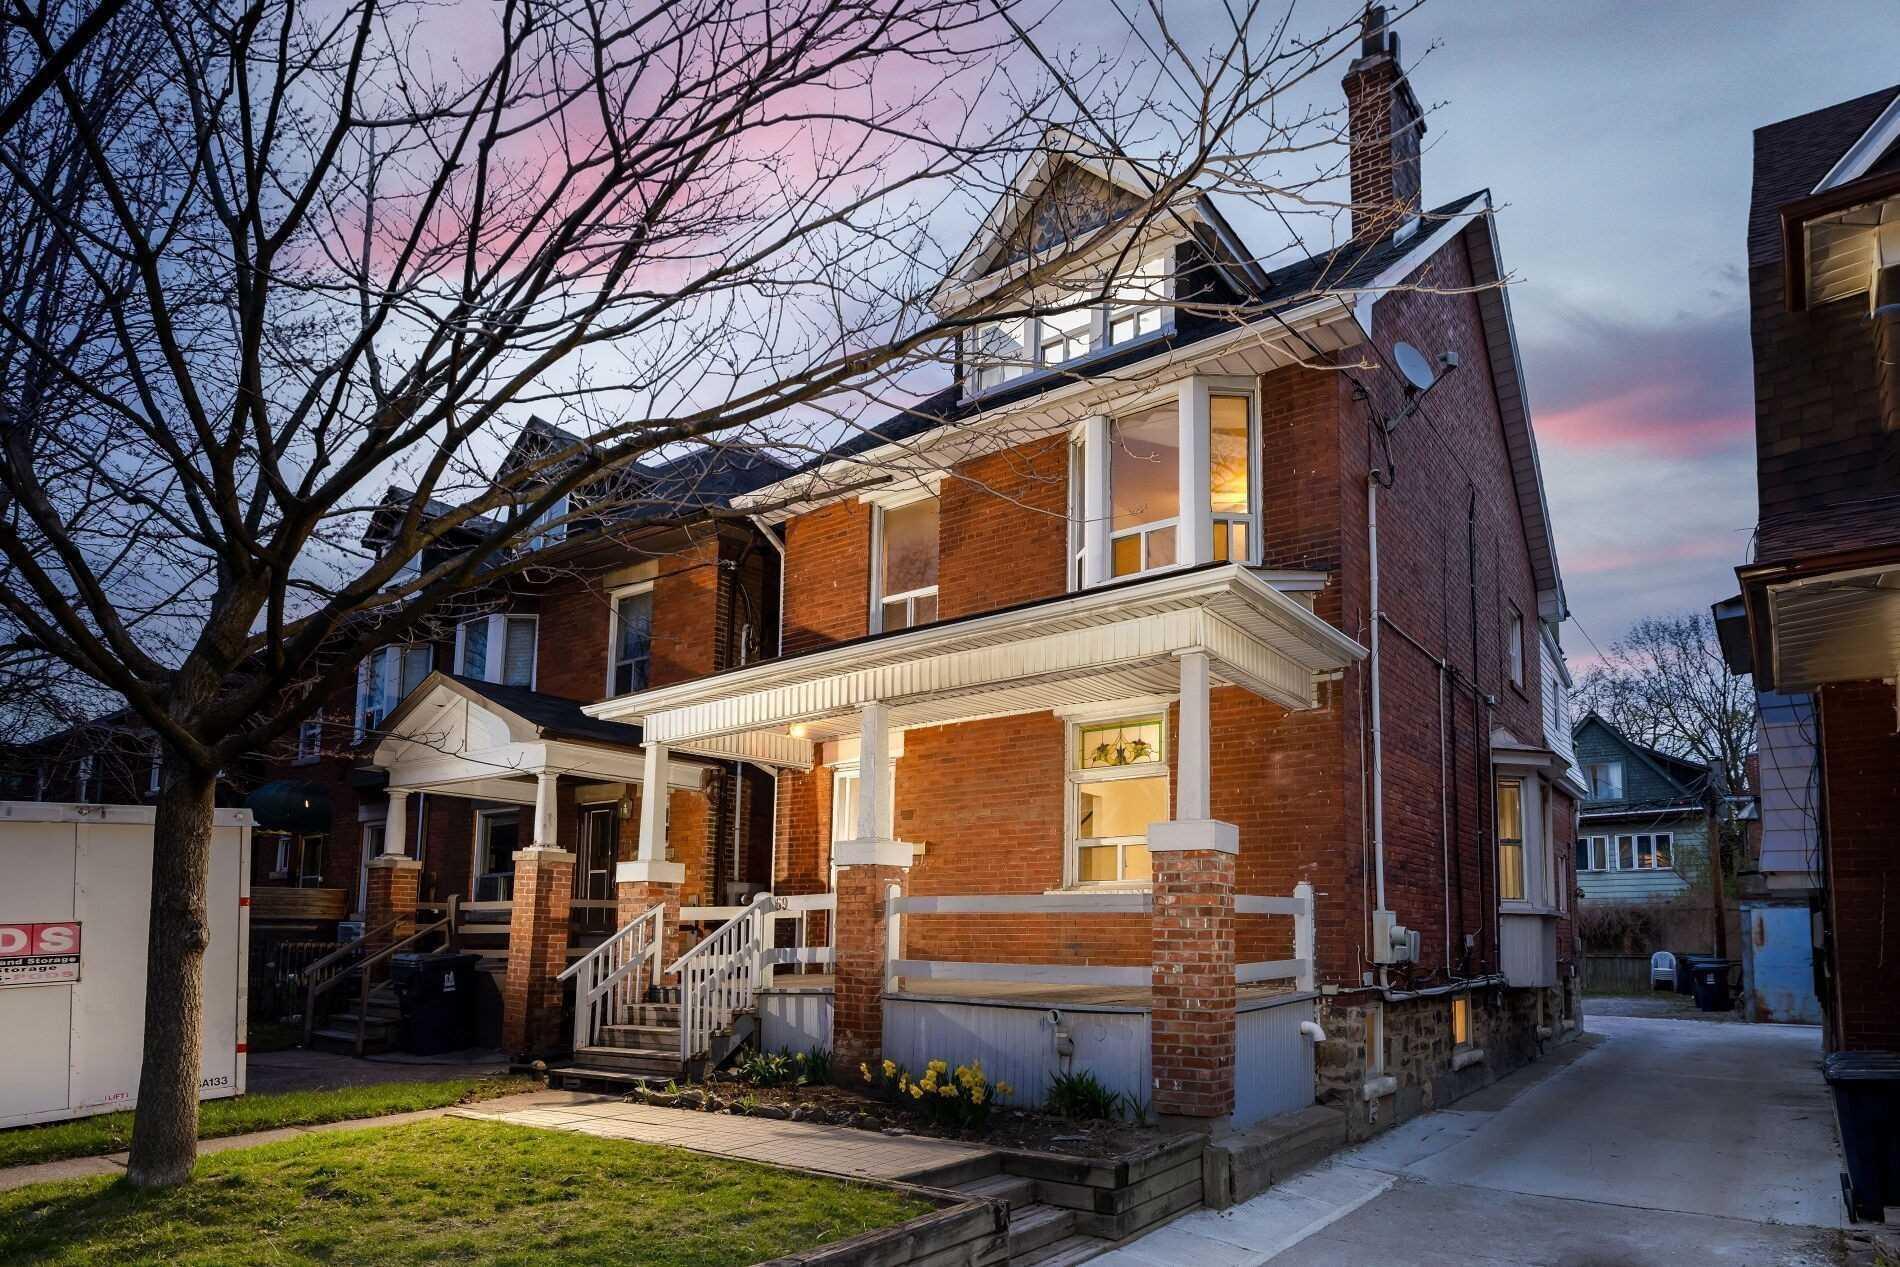 69 Oakwood Ave Property - Steve Jelenic Toronto